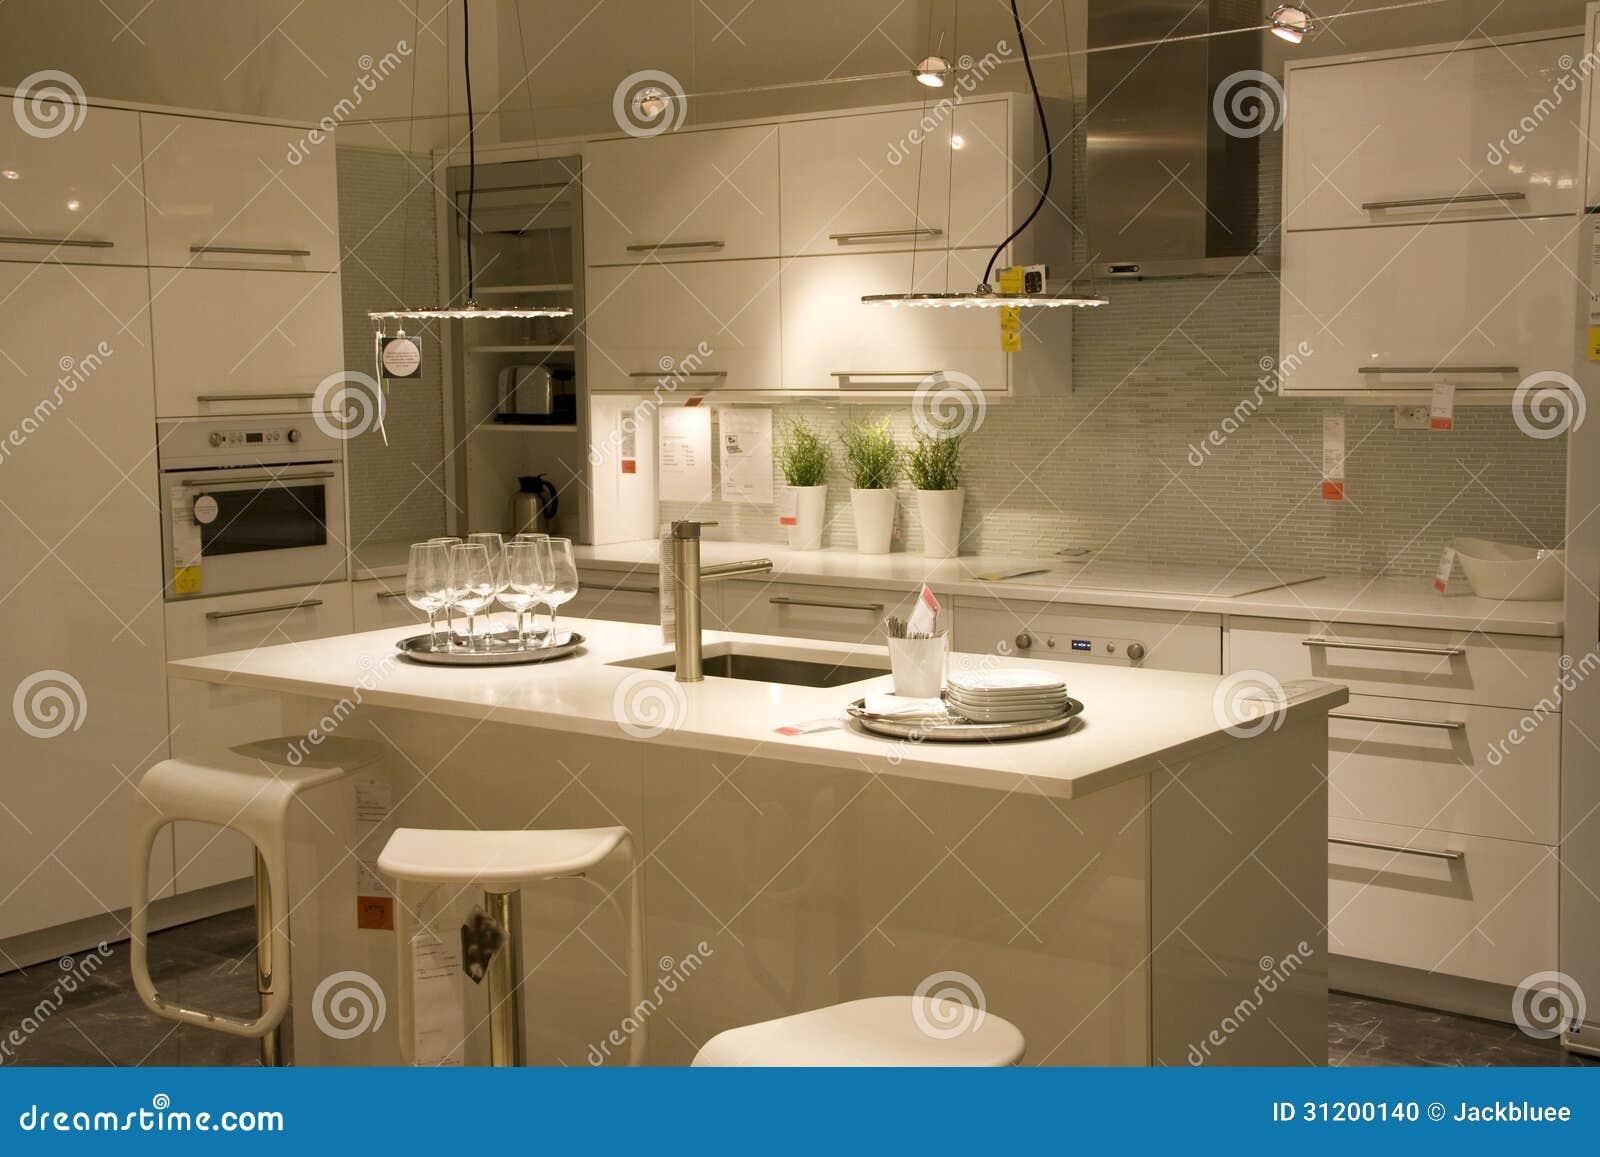 404 not found for Diseno de interiores cocinas